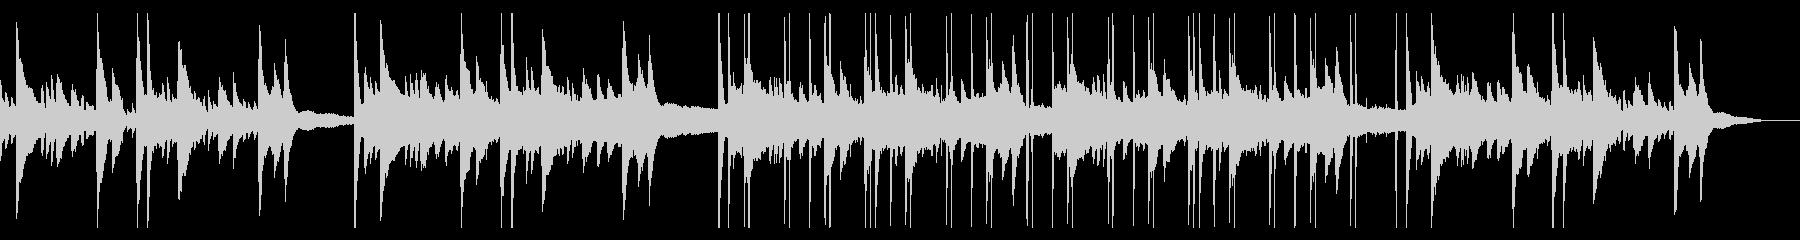 落ち着いたピアノのチル・ヒップホップの未再生の波形